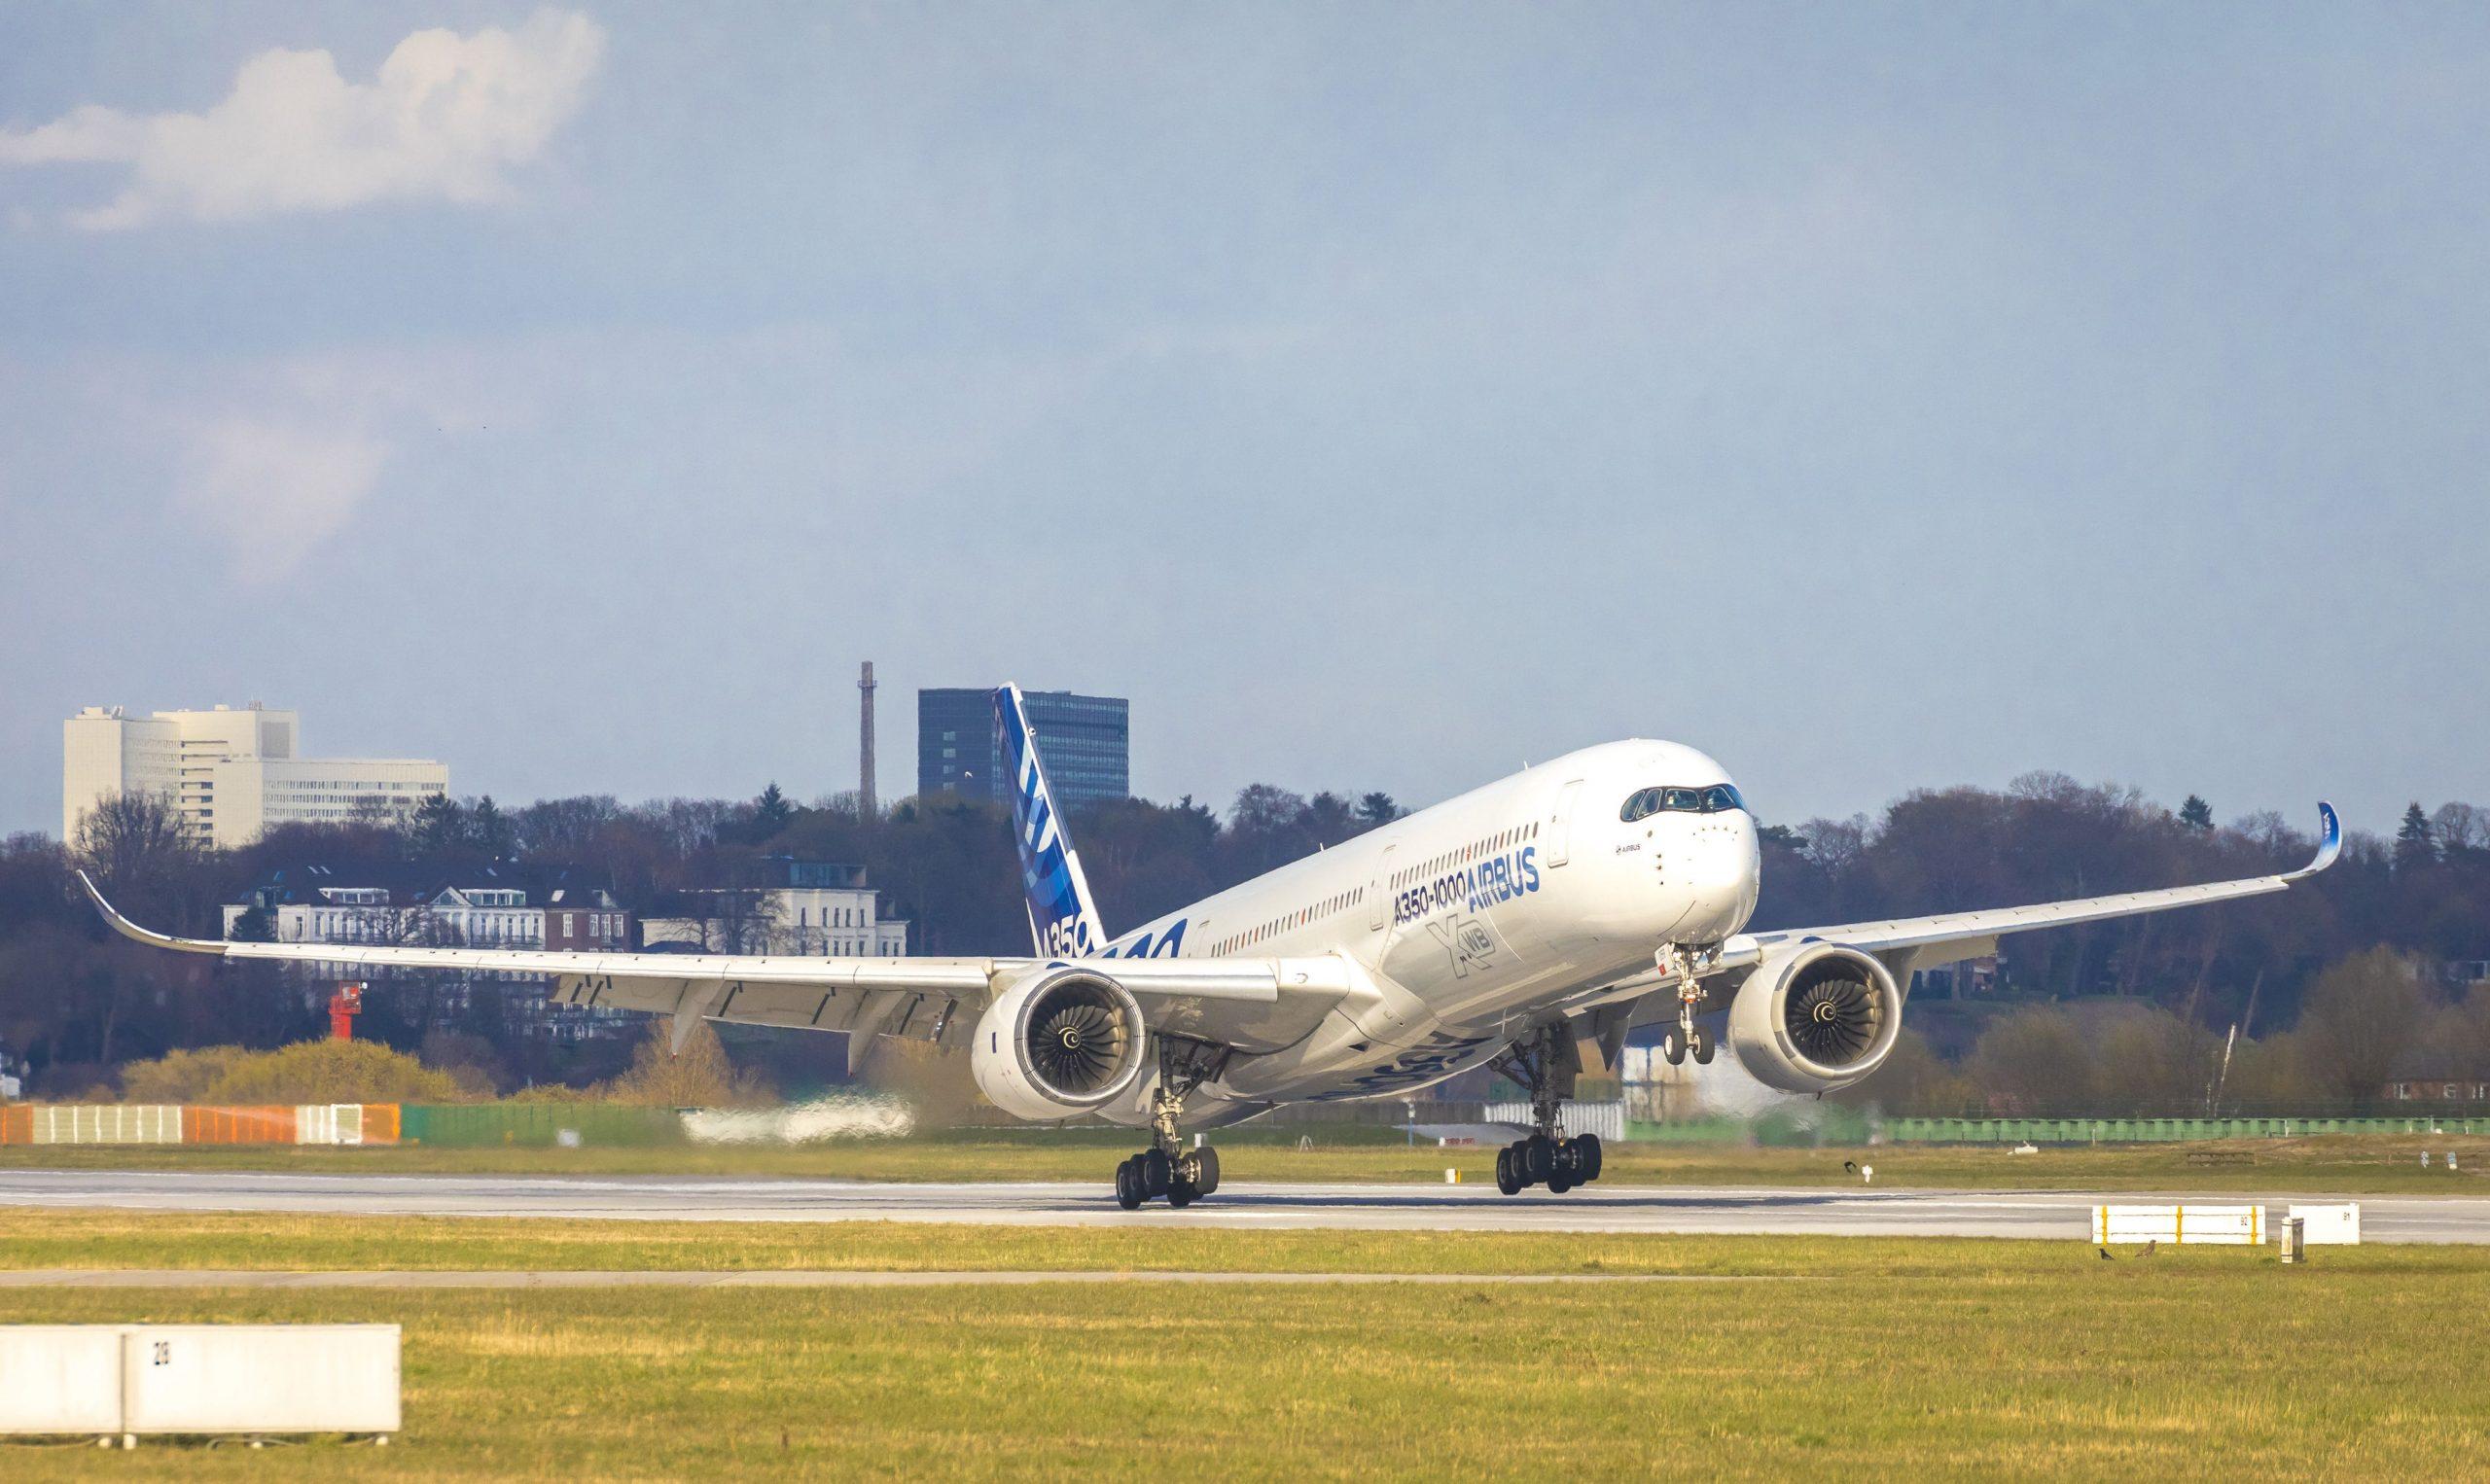 Et testfly af typen Airbus A350-1000 lander i Hamborg Lufthavn. Foto: Airbus